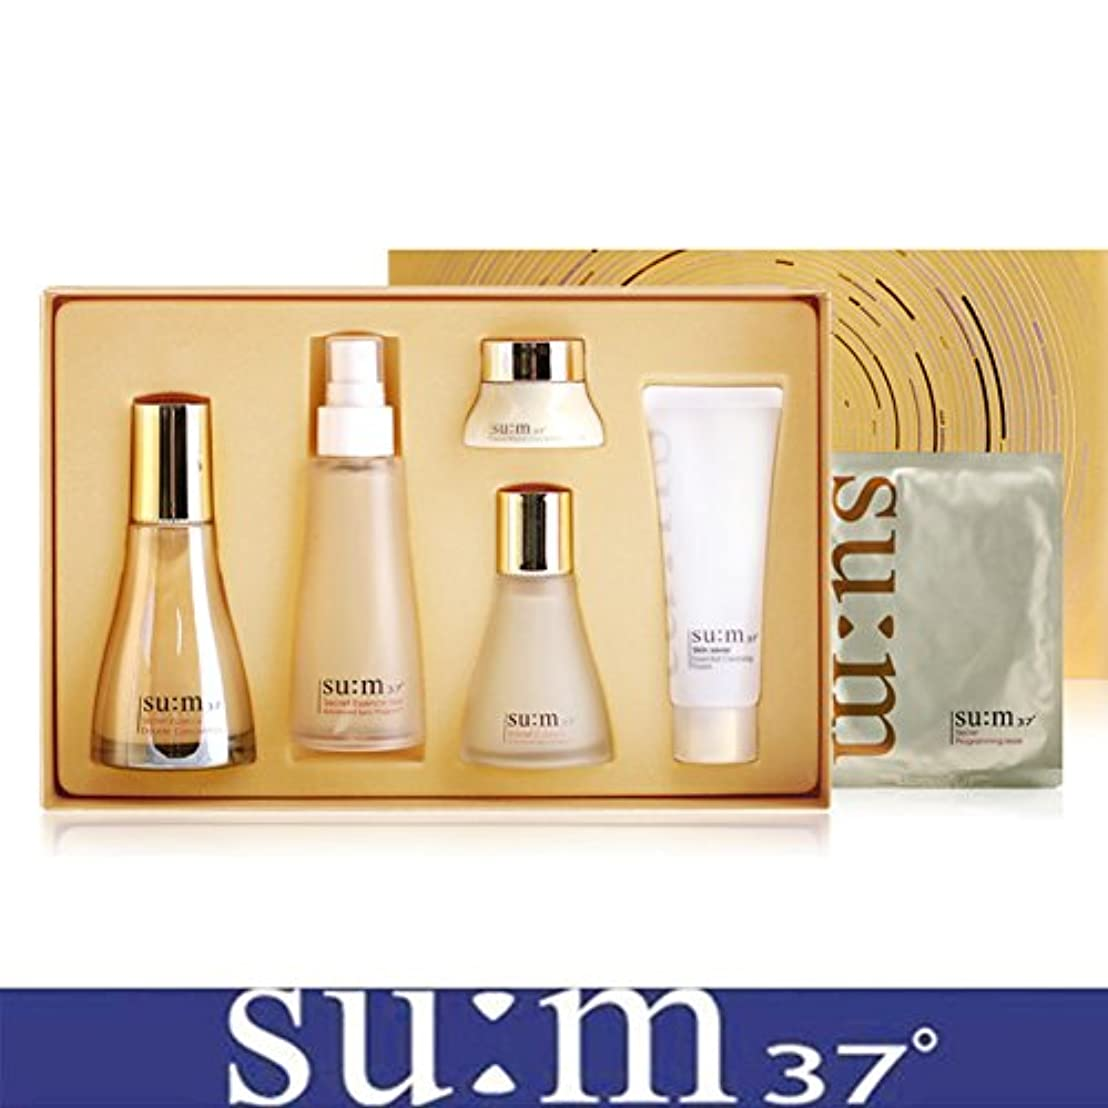 食欲の頭の上発表する[su:m37/スム37°] SUM37 Secret Essence SPECIAL 100ml Limited Edition/シークレットエッセンススペシャルリミテッドエディション+[Sample Gift](海外直送品)